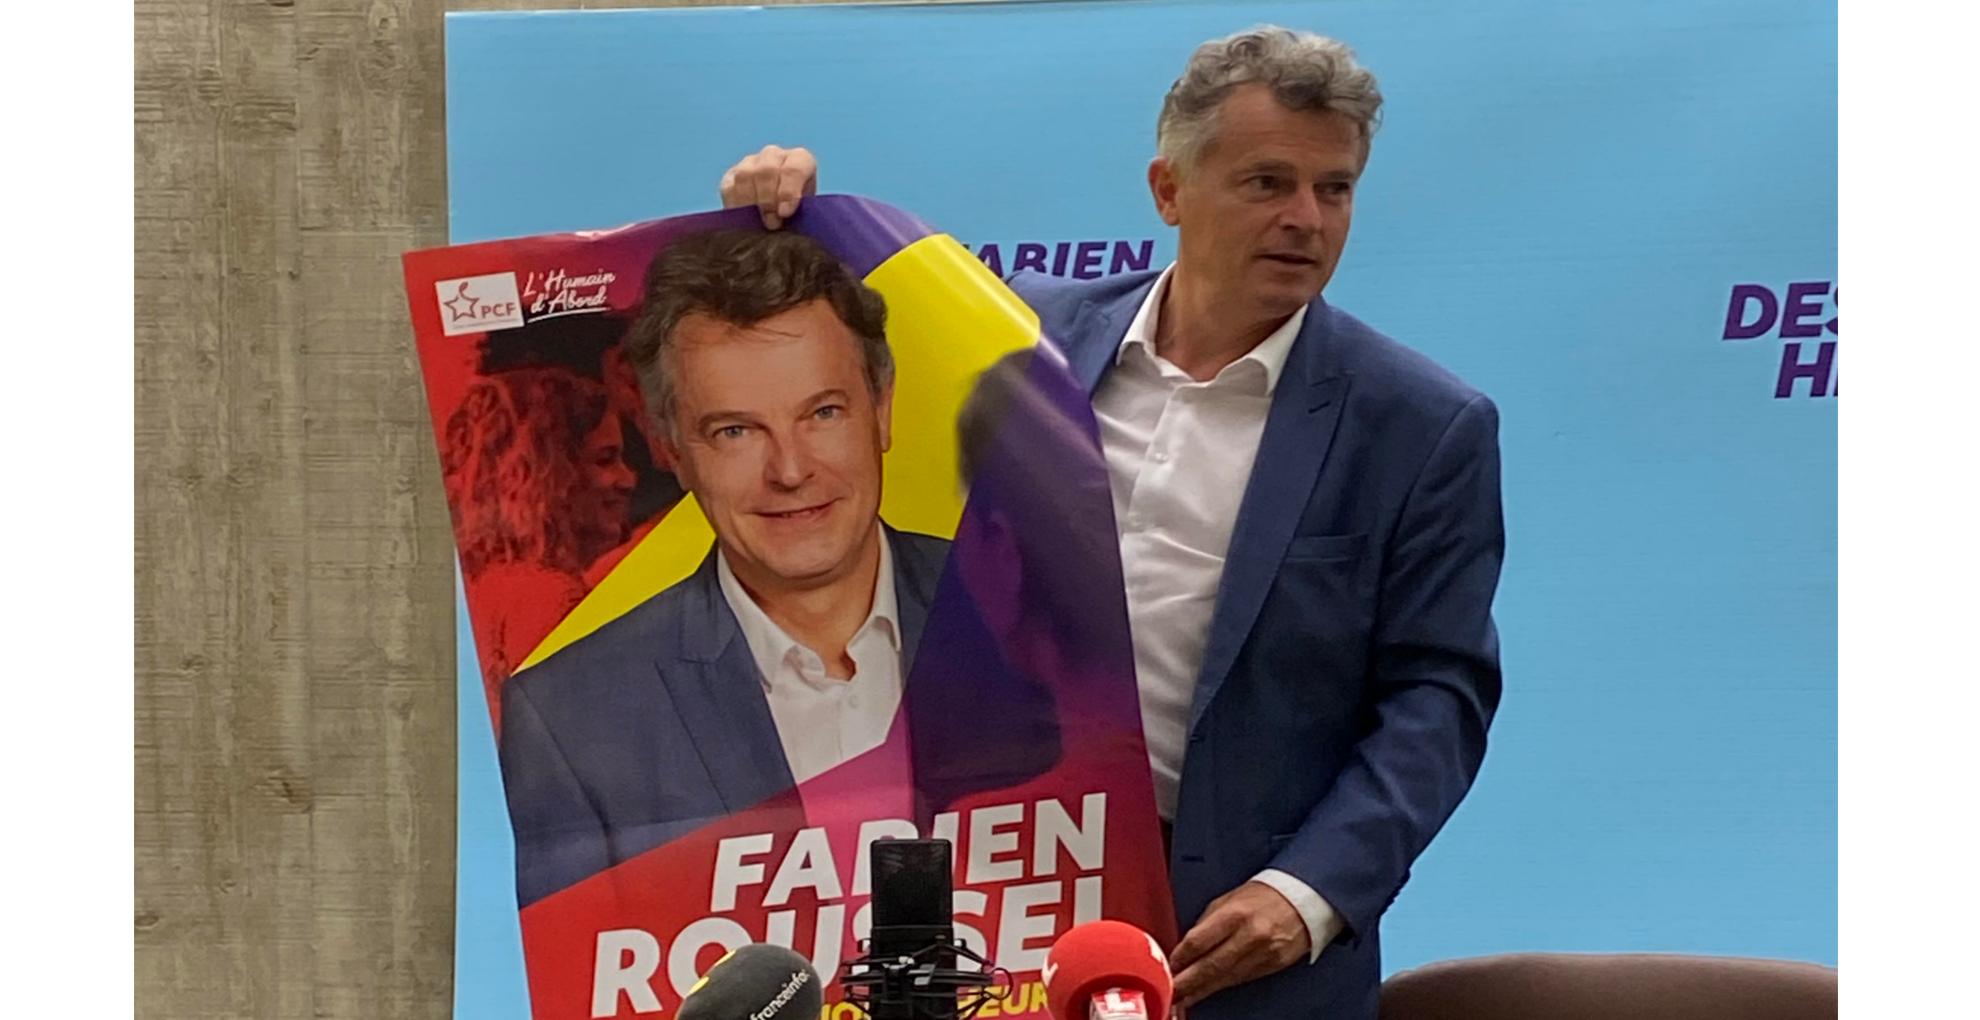 Fabien Roussel